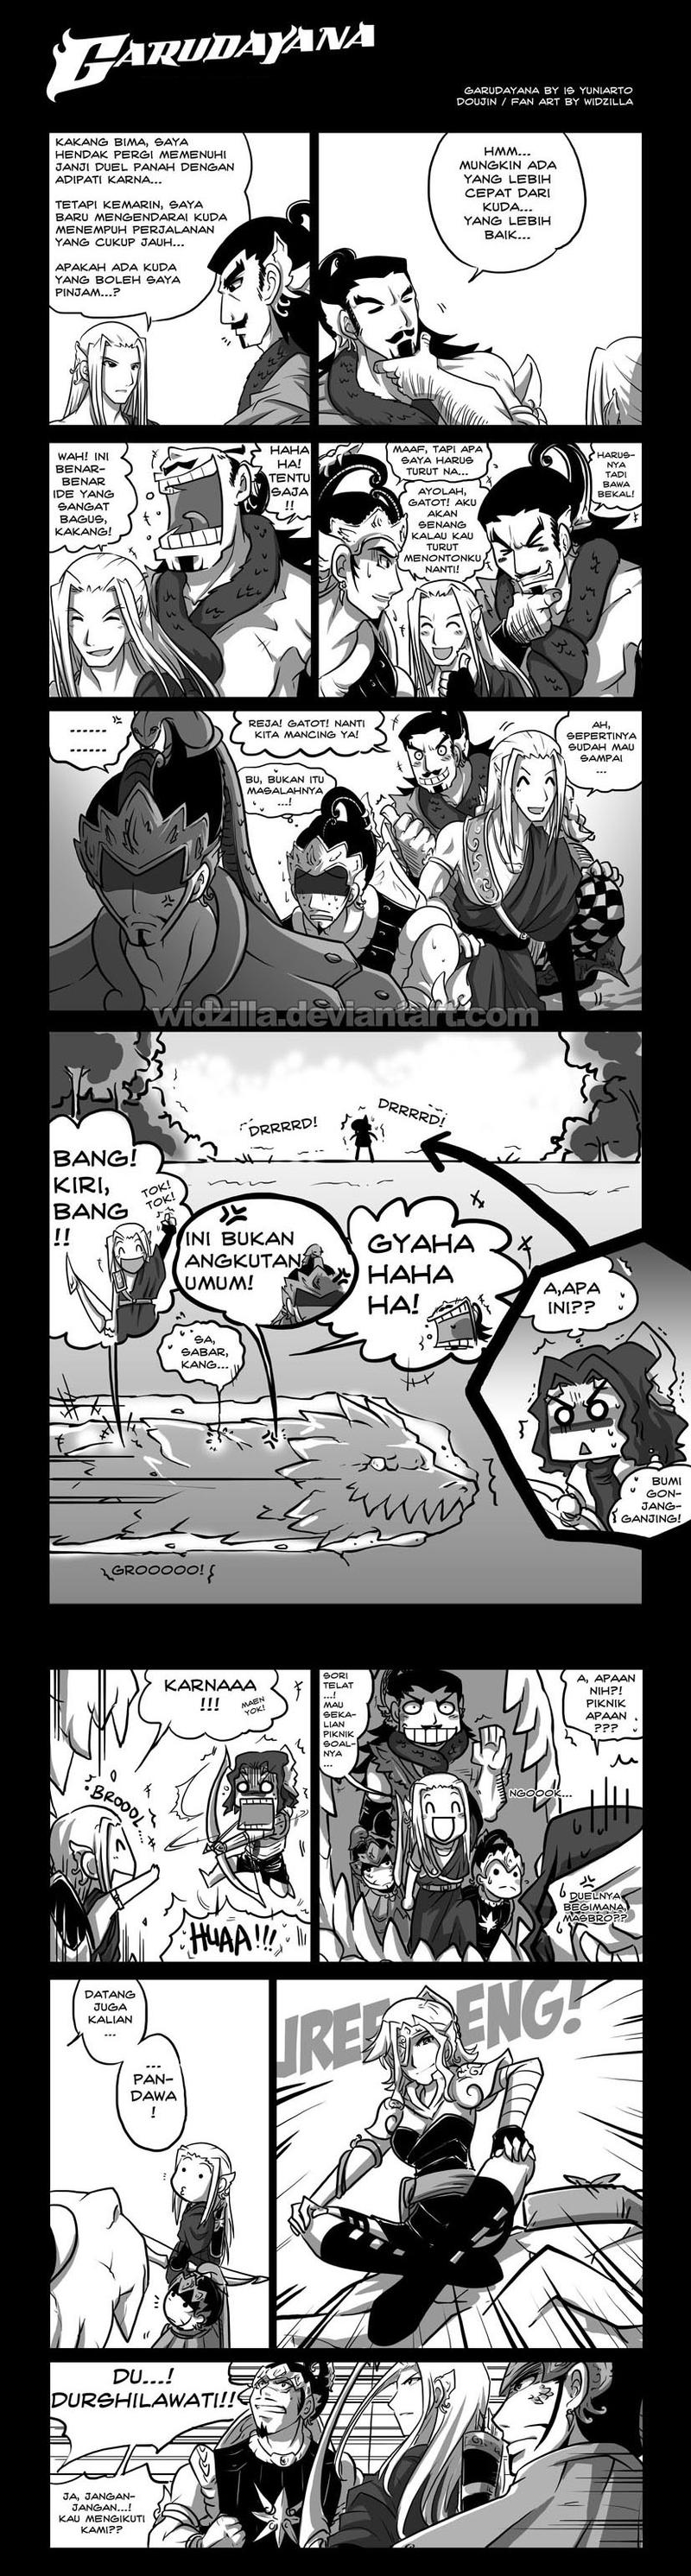 Garudayana Carangan : Duel by widzilla